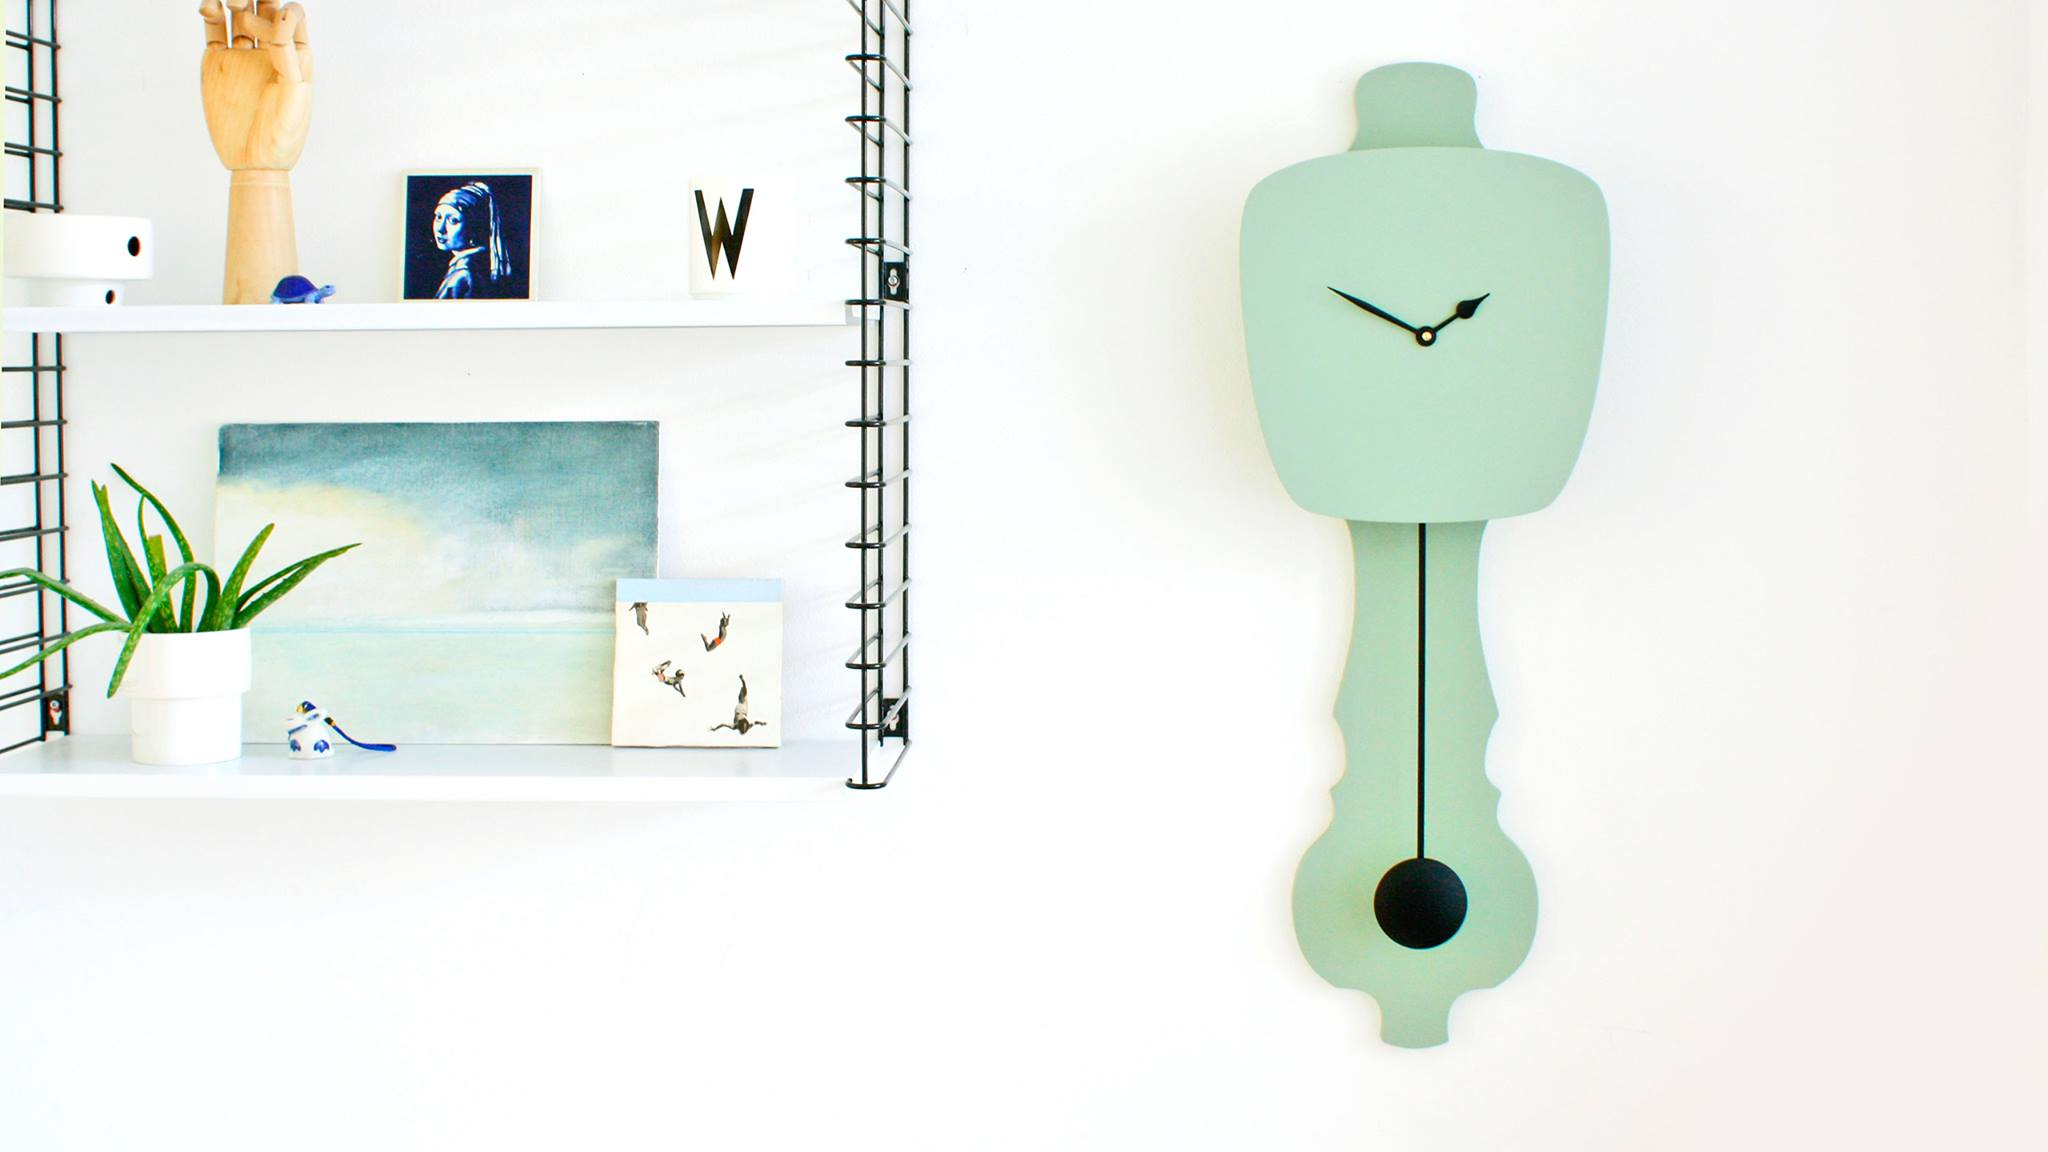 Kloq hippe kleurrijke minimalistische klokken met een